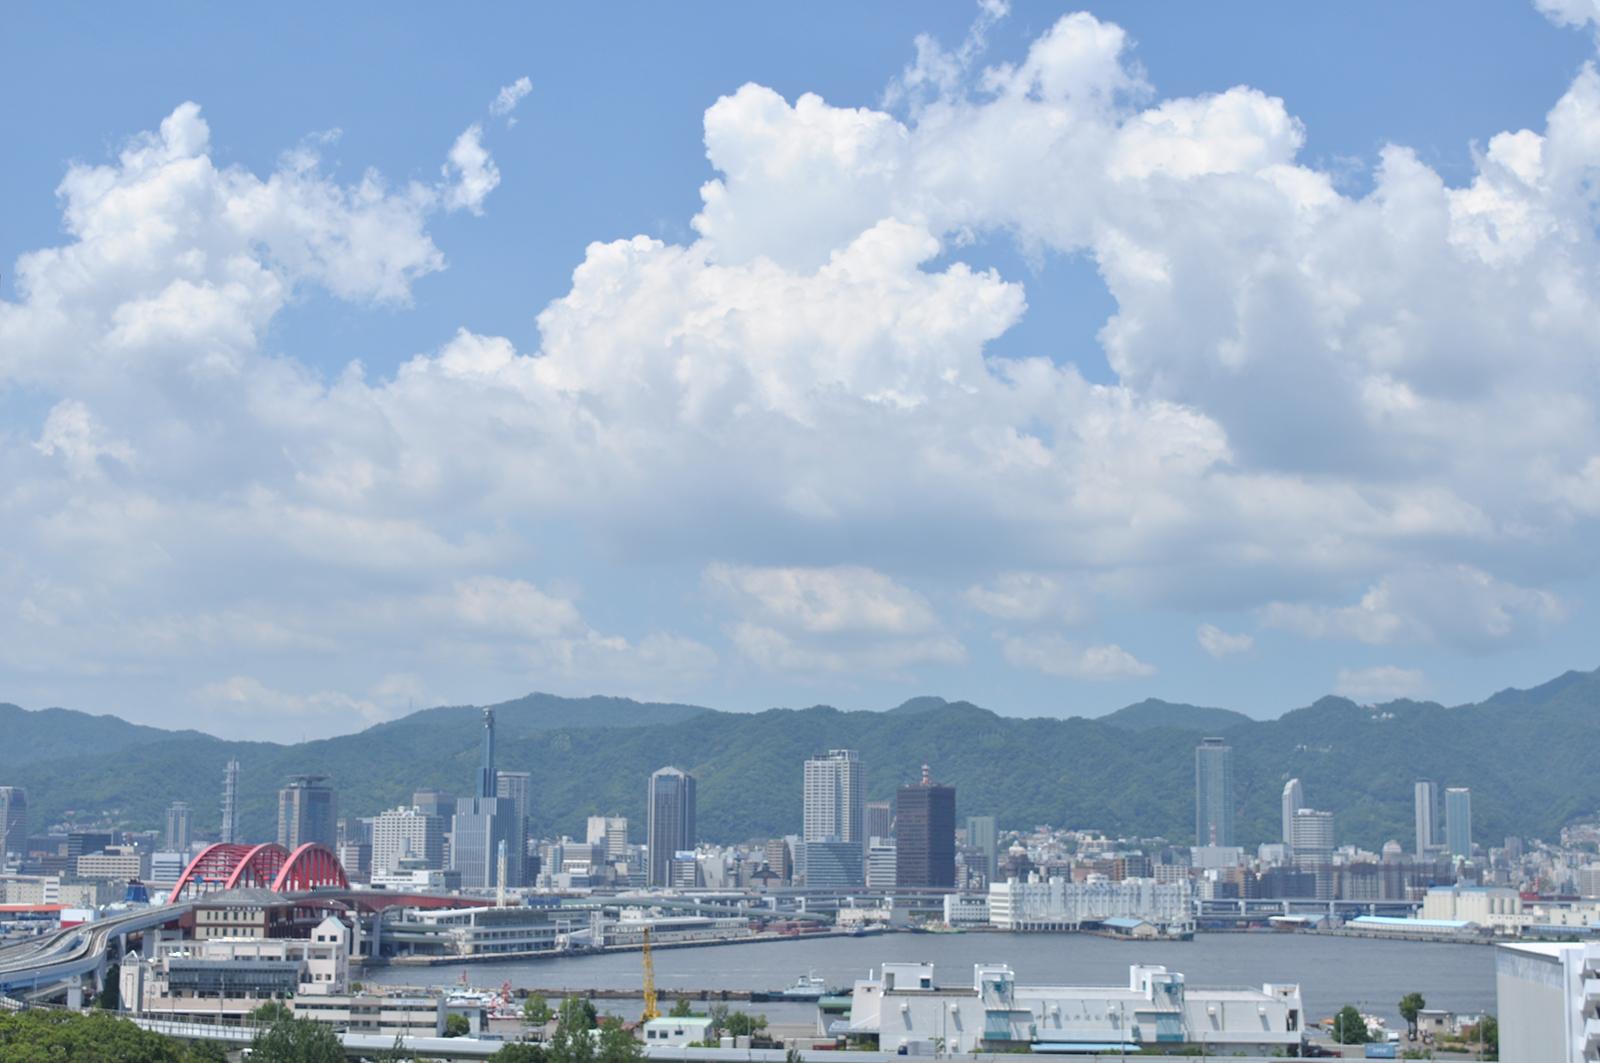 ポートアイランドから神戸を望む風景